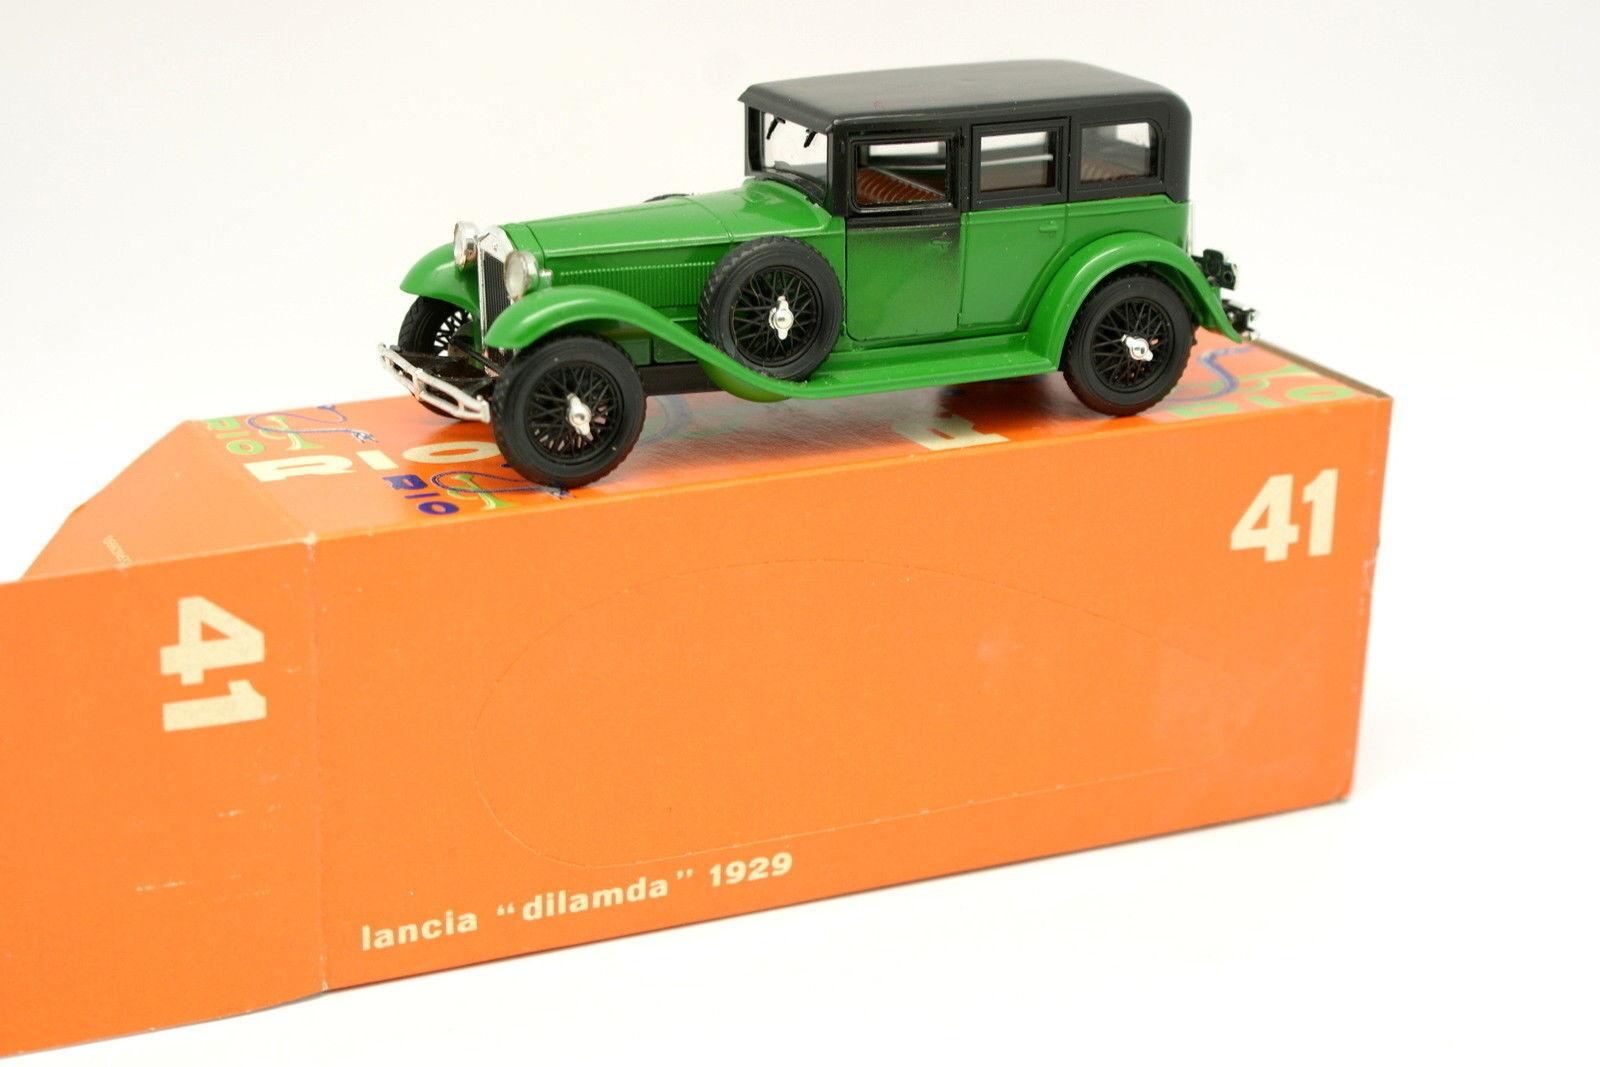 RIO 1 43 - Lancia Dilamda 1929 51 51 51 46e9b2